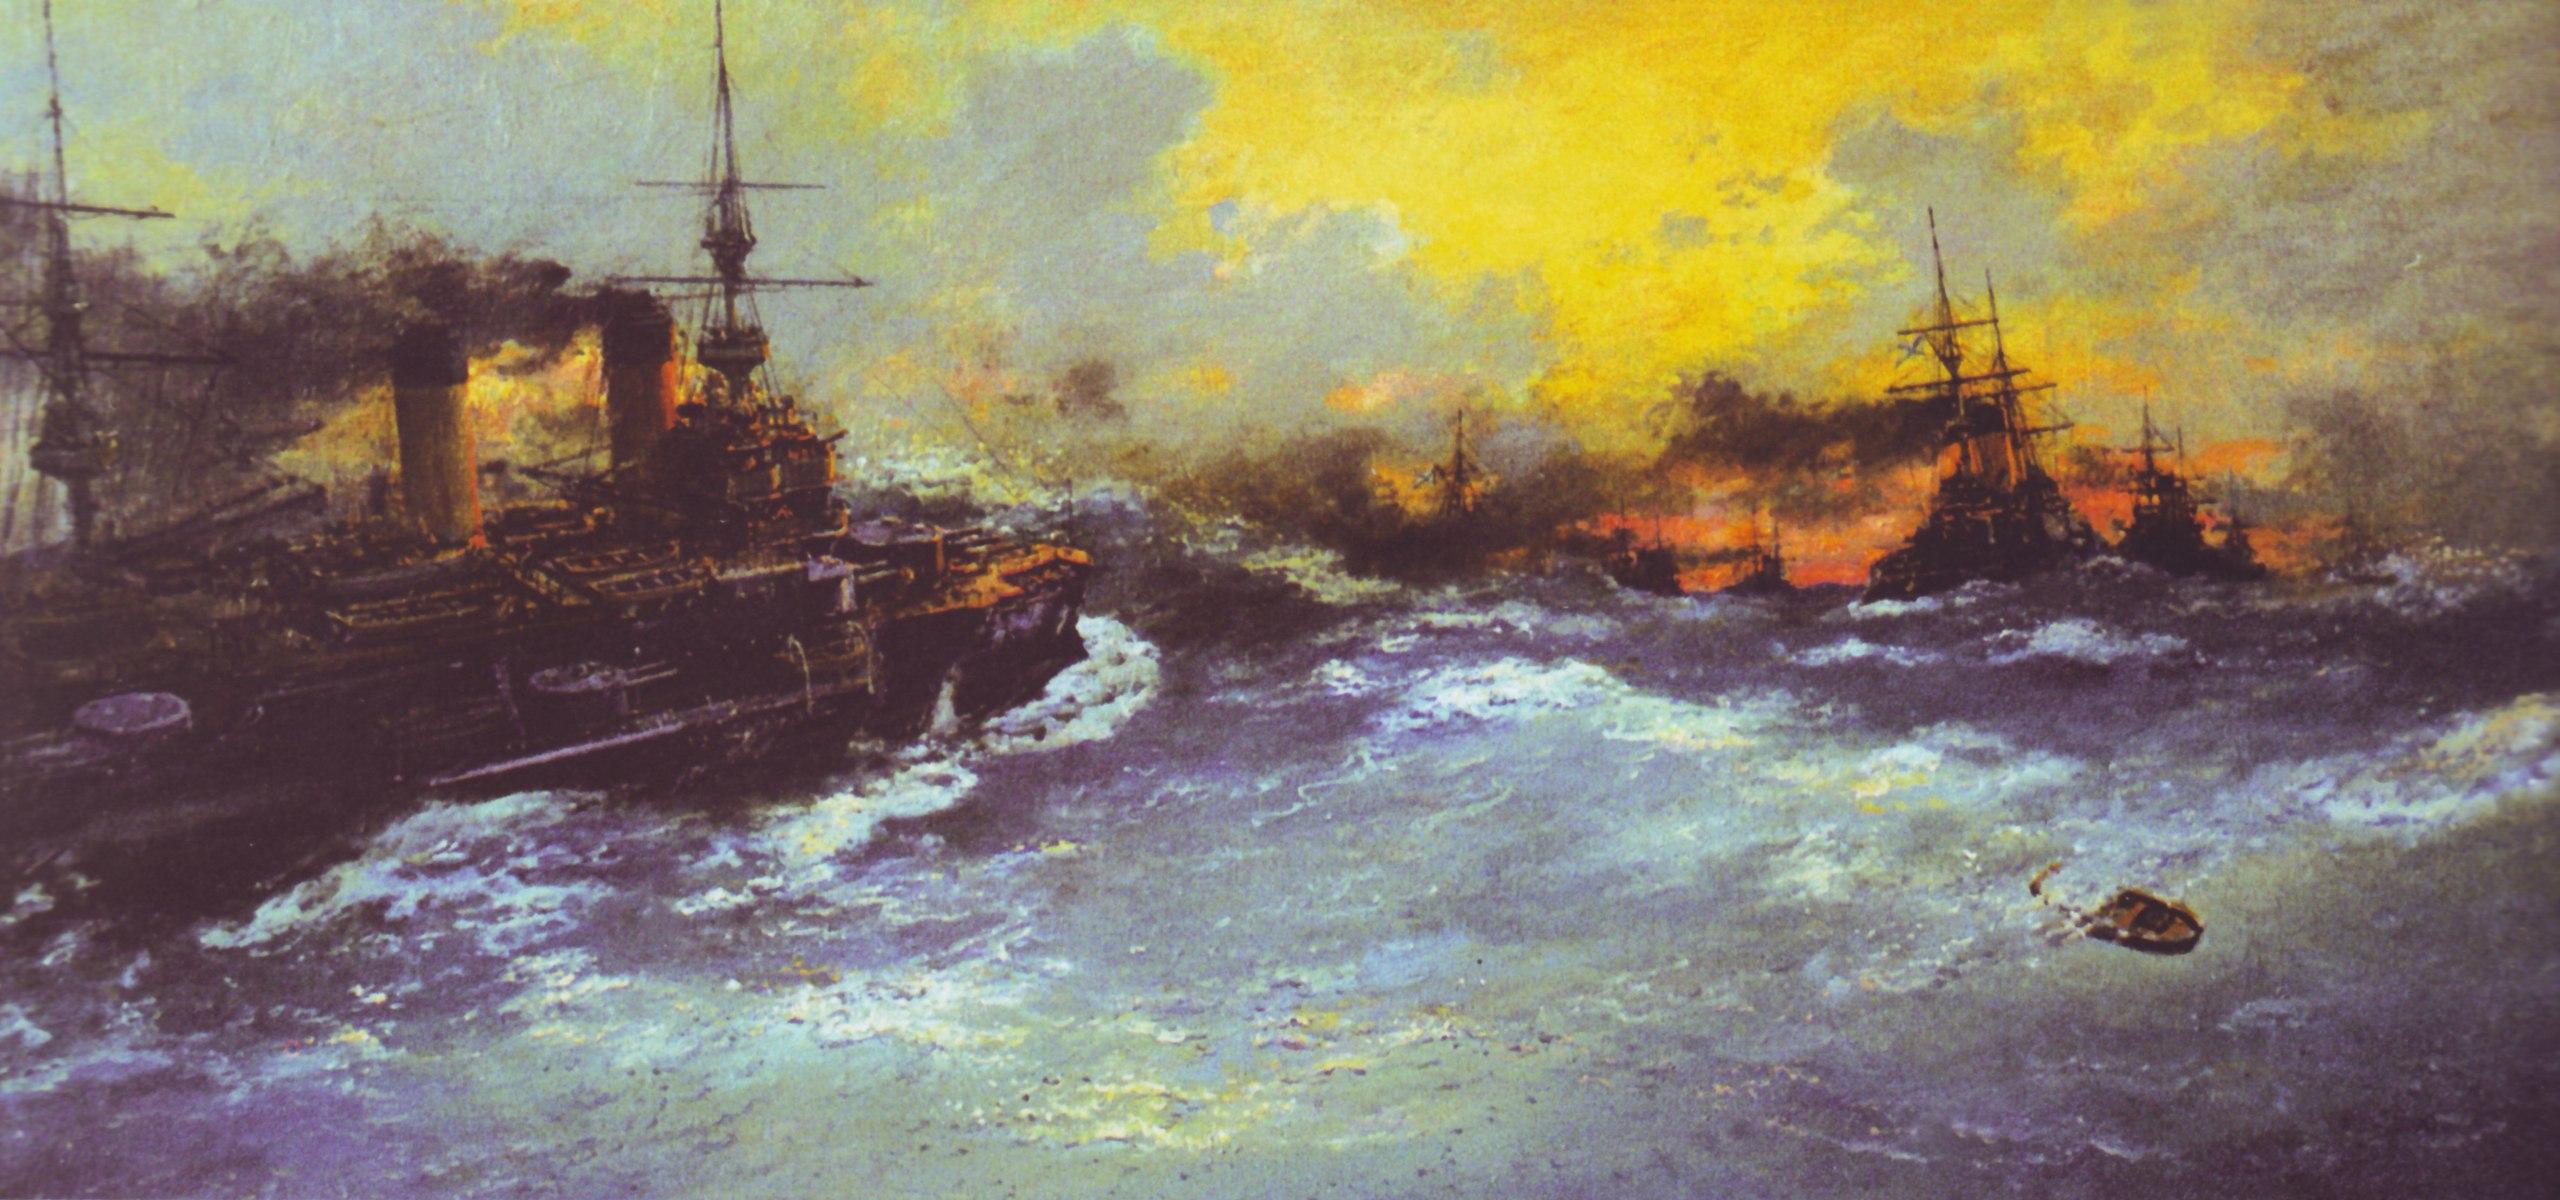 Броненосцы 2-й эскадры Тихого флота на переходе в Индийском океане.jpg